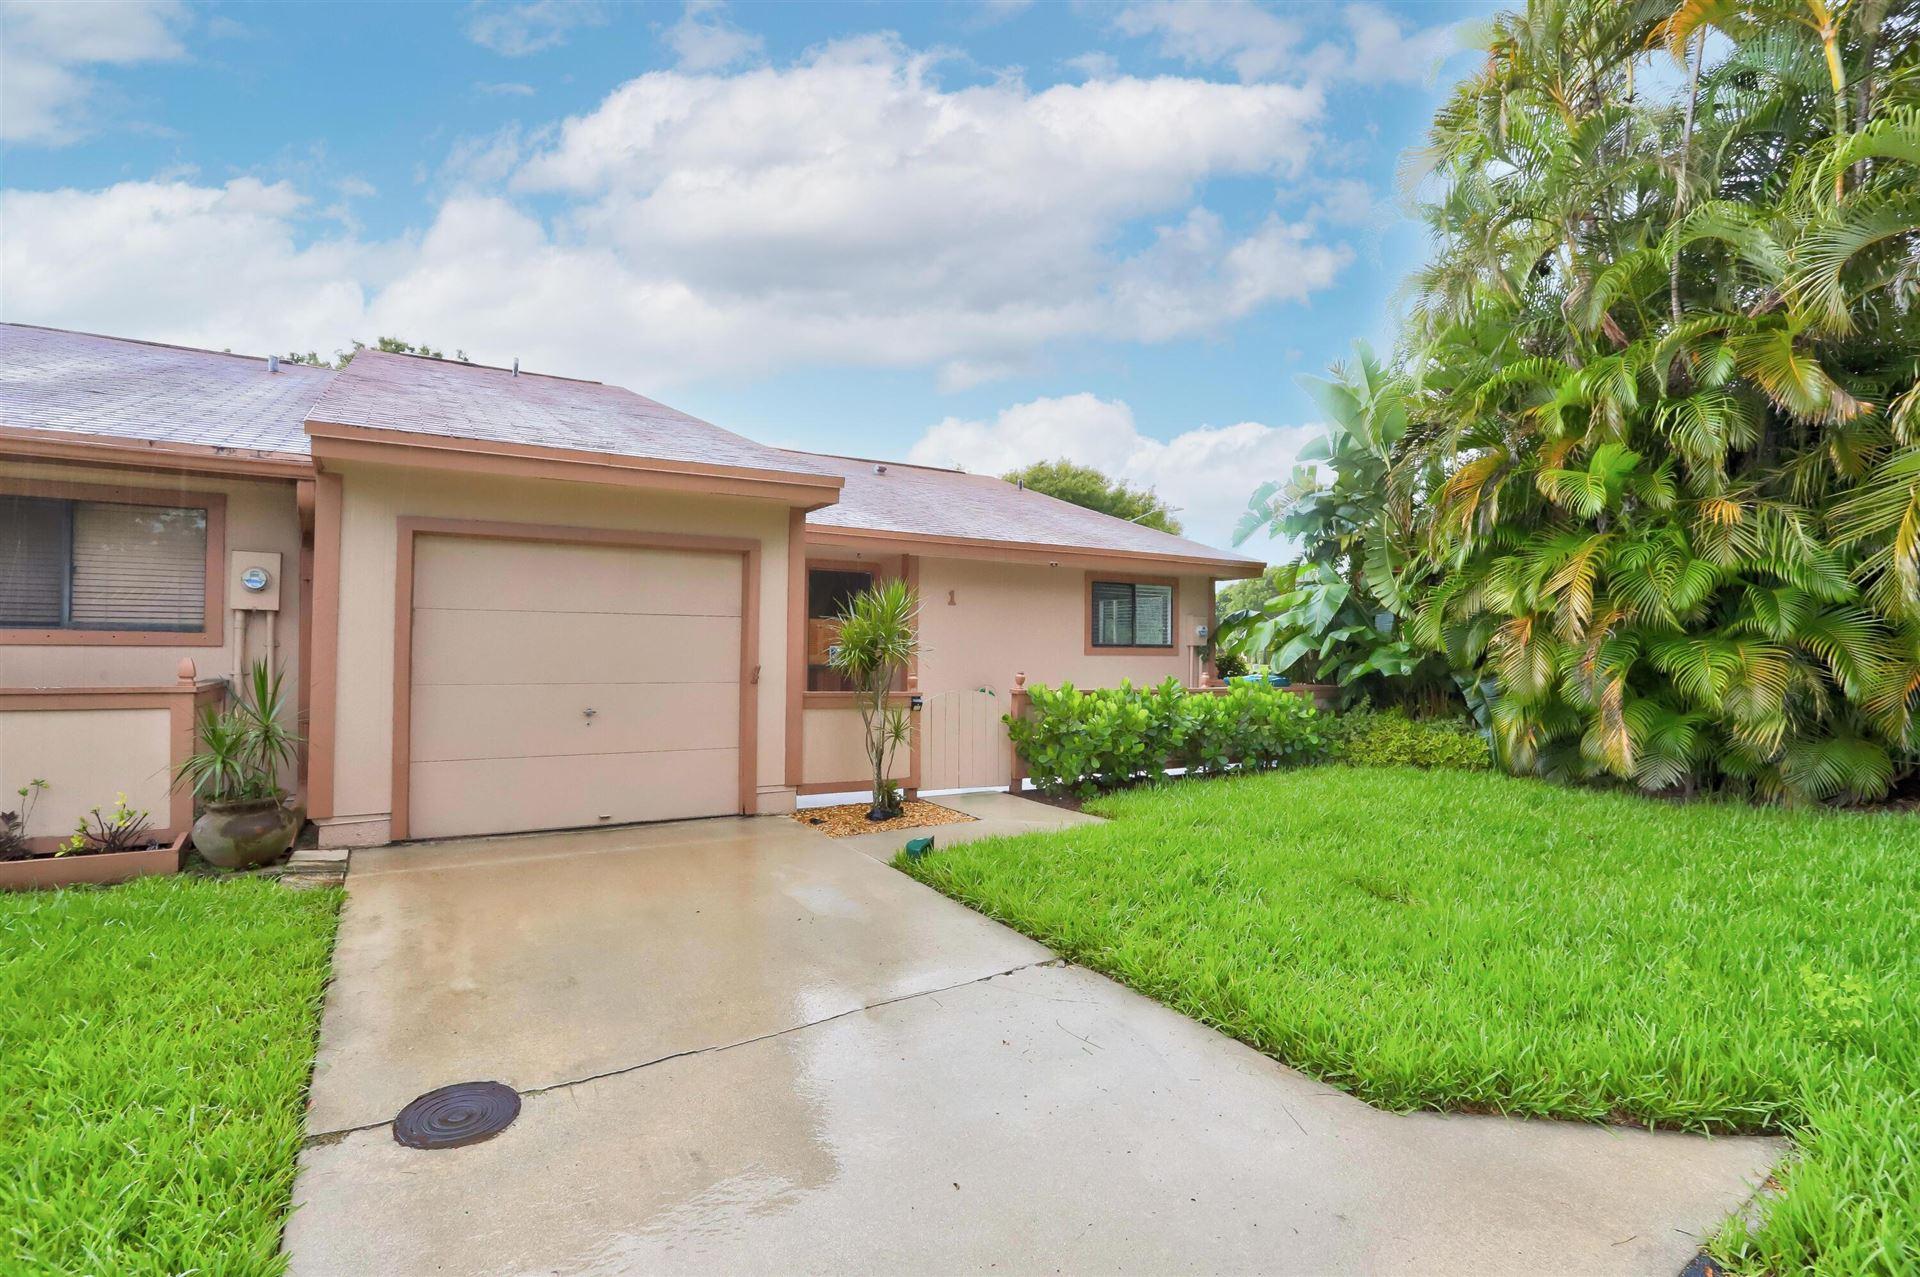 1 Farnworth Drive, Boynton Beach, FL 33426 - MLS#: RX-10746375